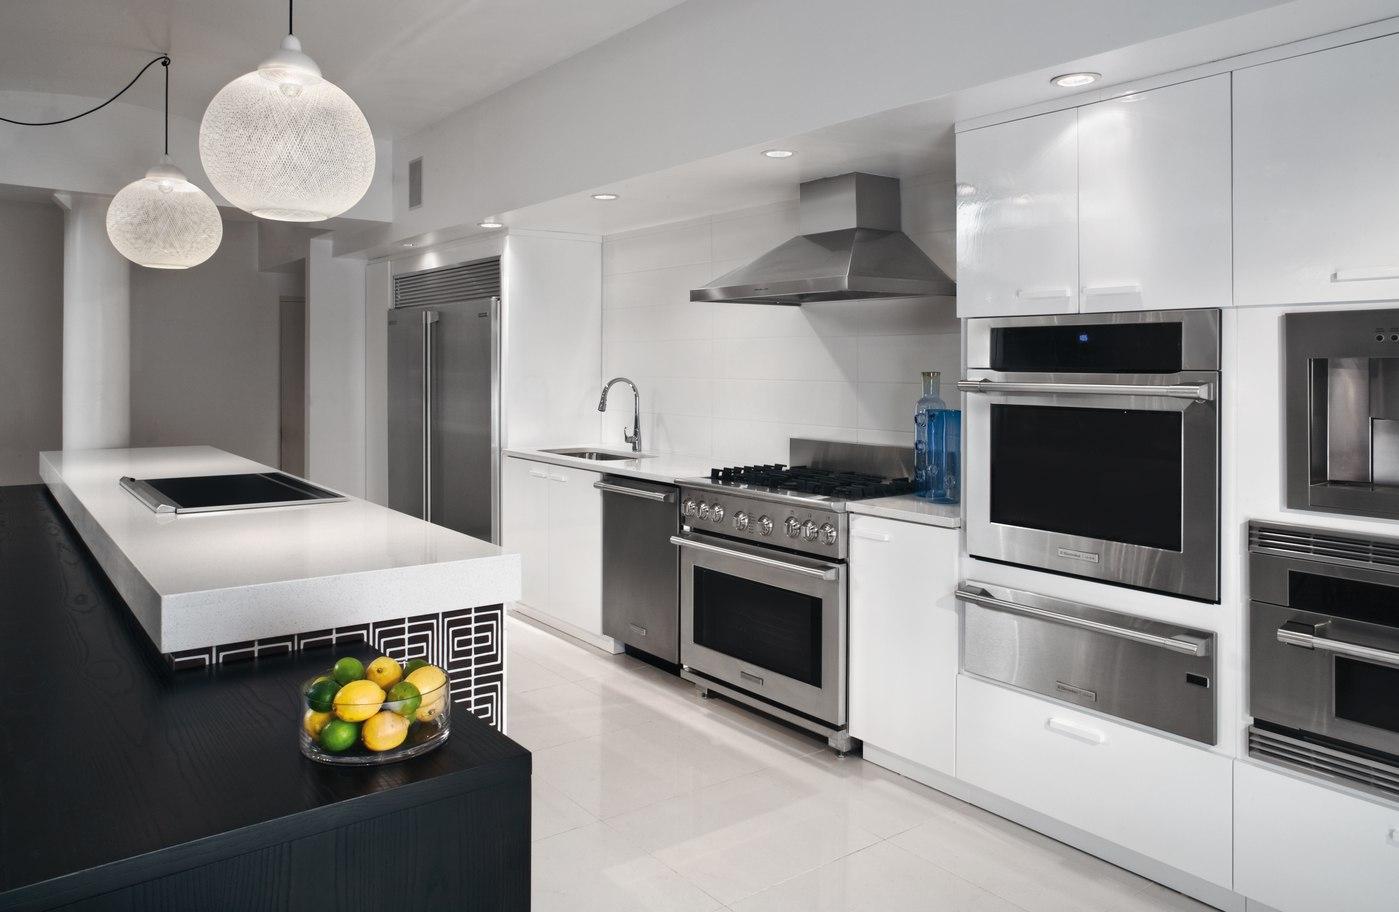 Electrolux kitchen